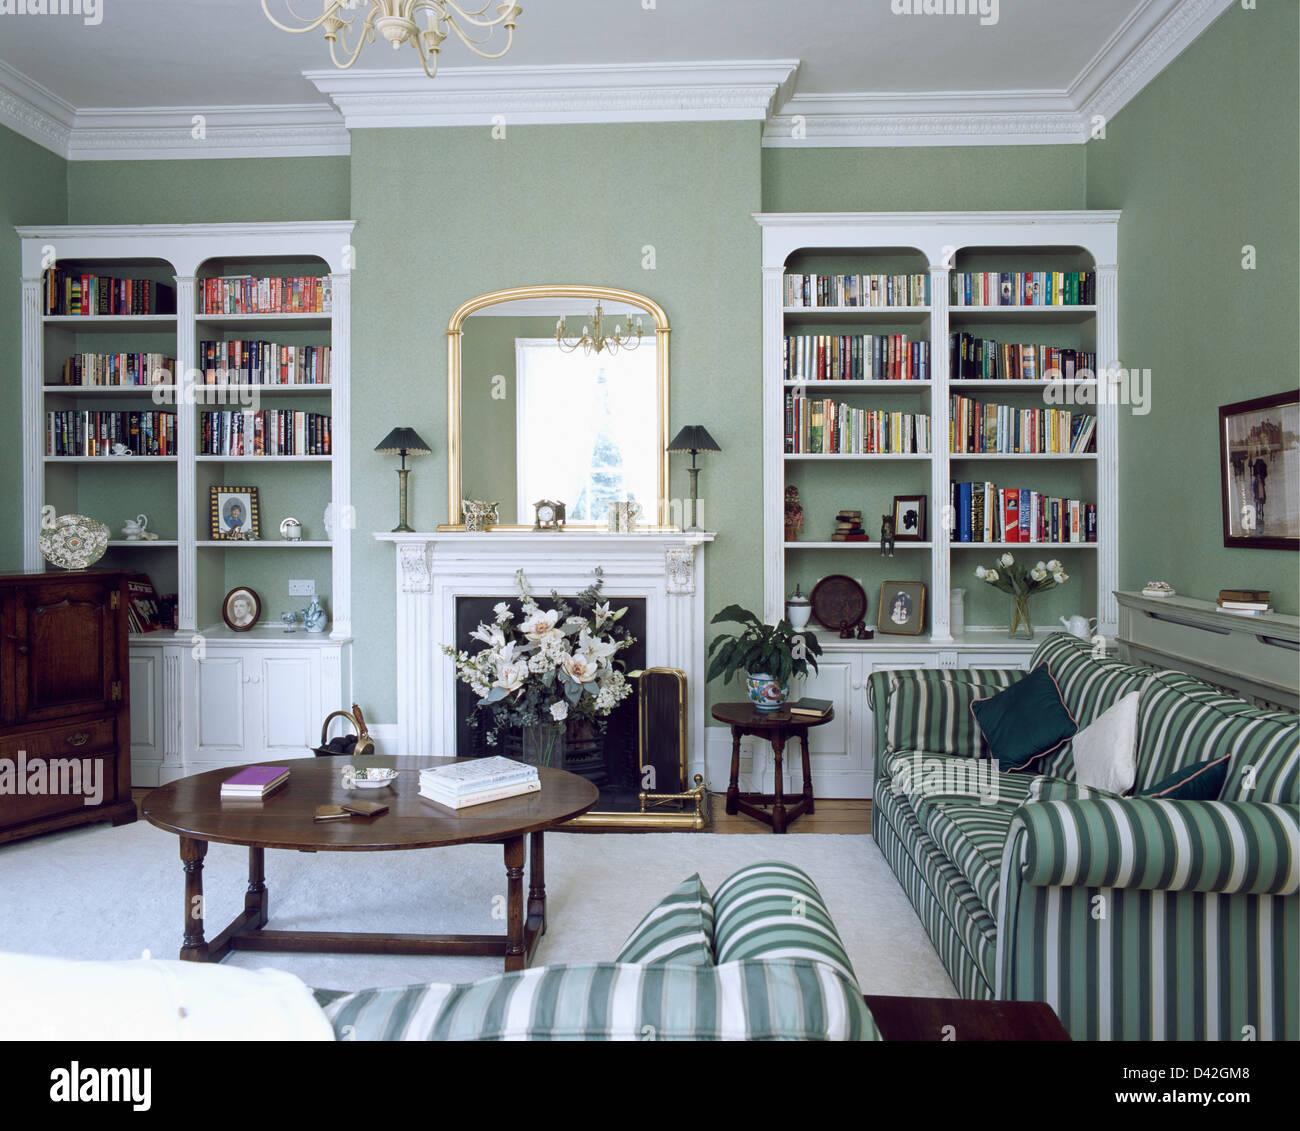 Weiße Regale auf beiden Seiten der Kamin im Wohnzimmer grau ...